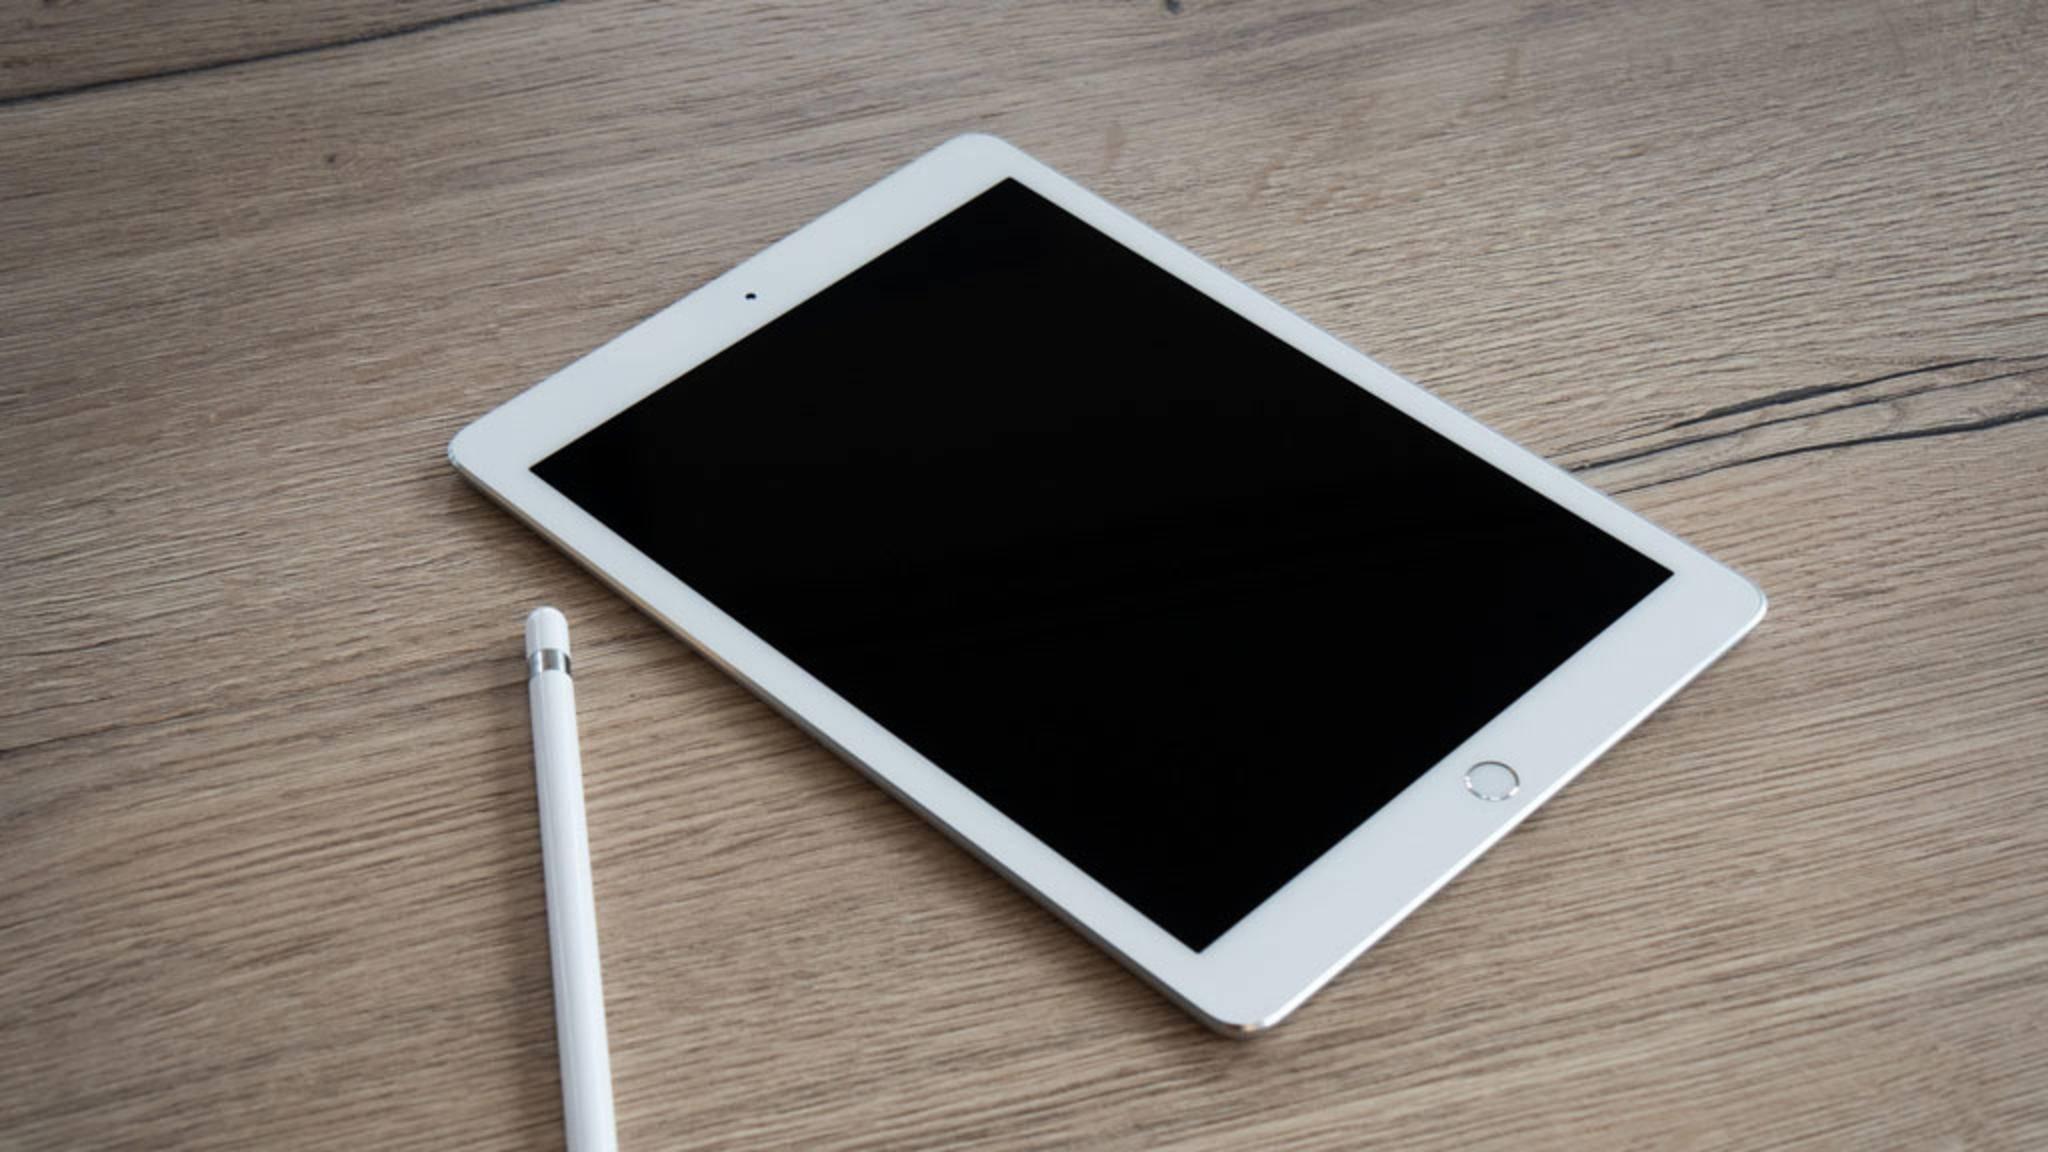 Das kannst Du tun, wenn das iPad-Display einfach dunkel bleibt.